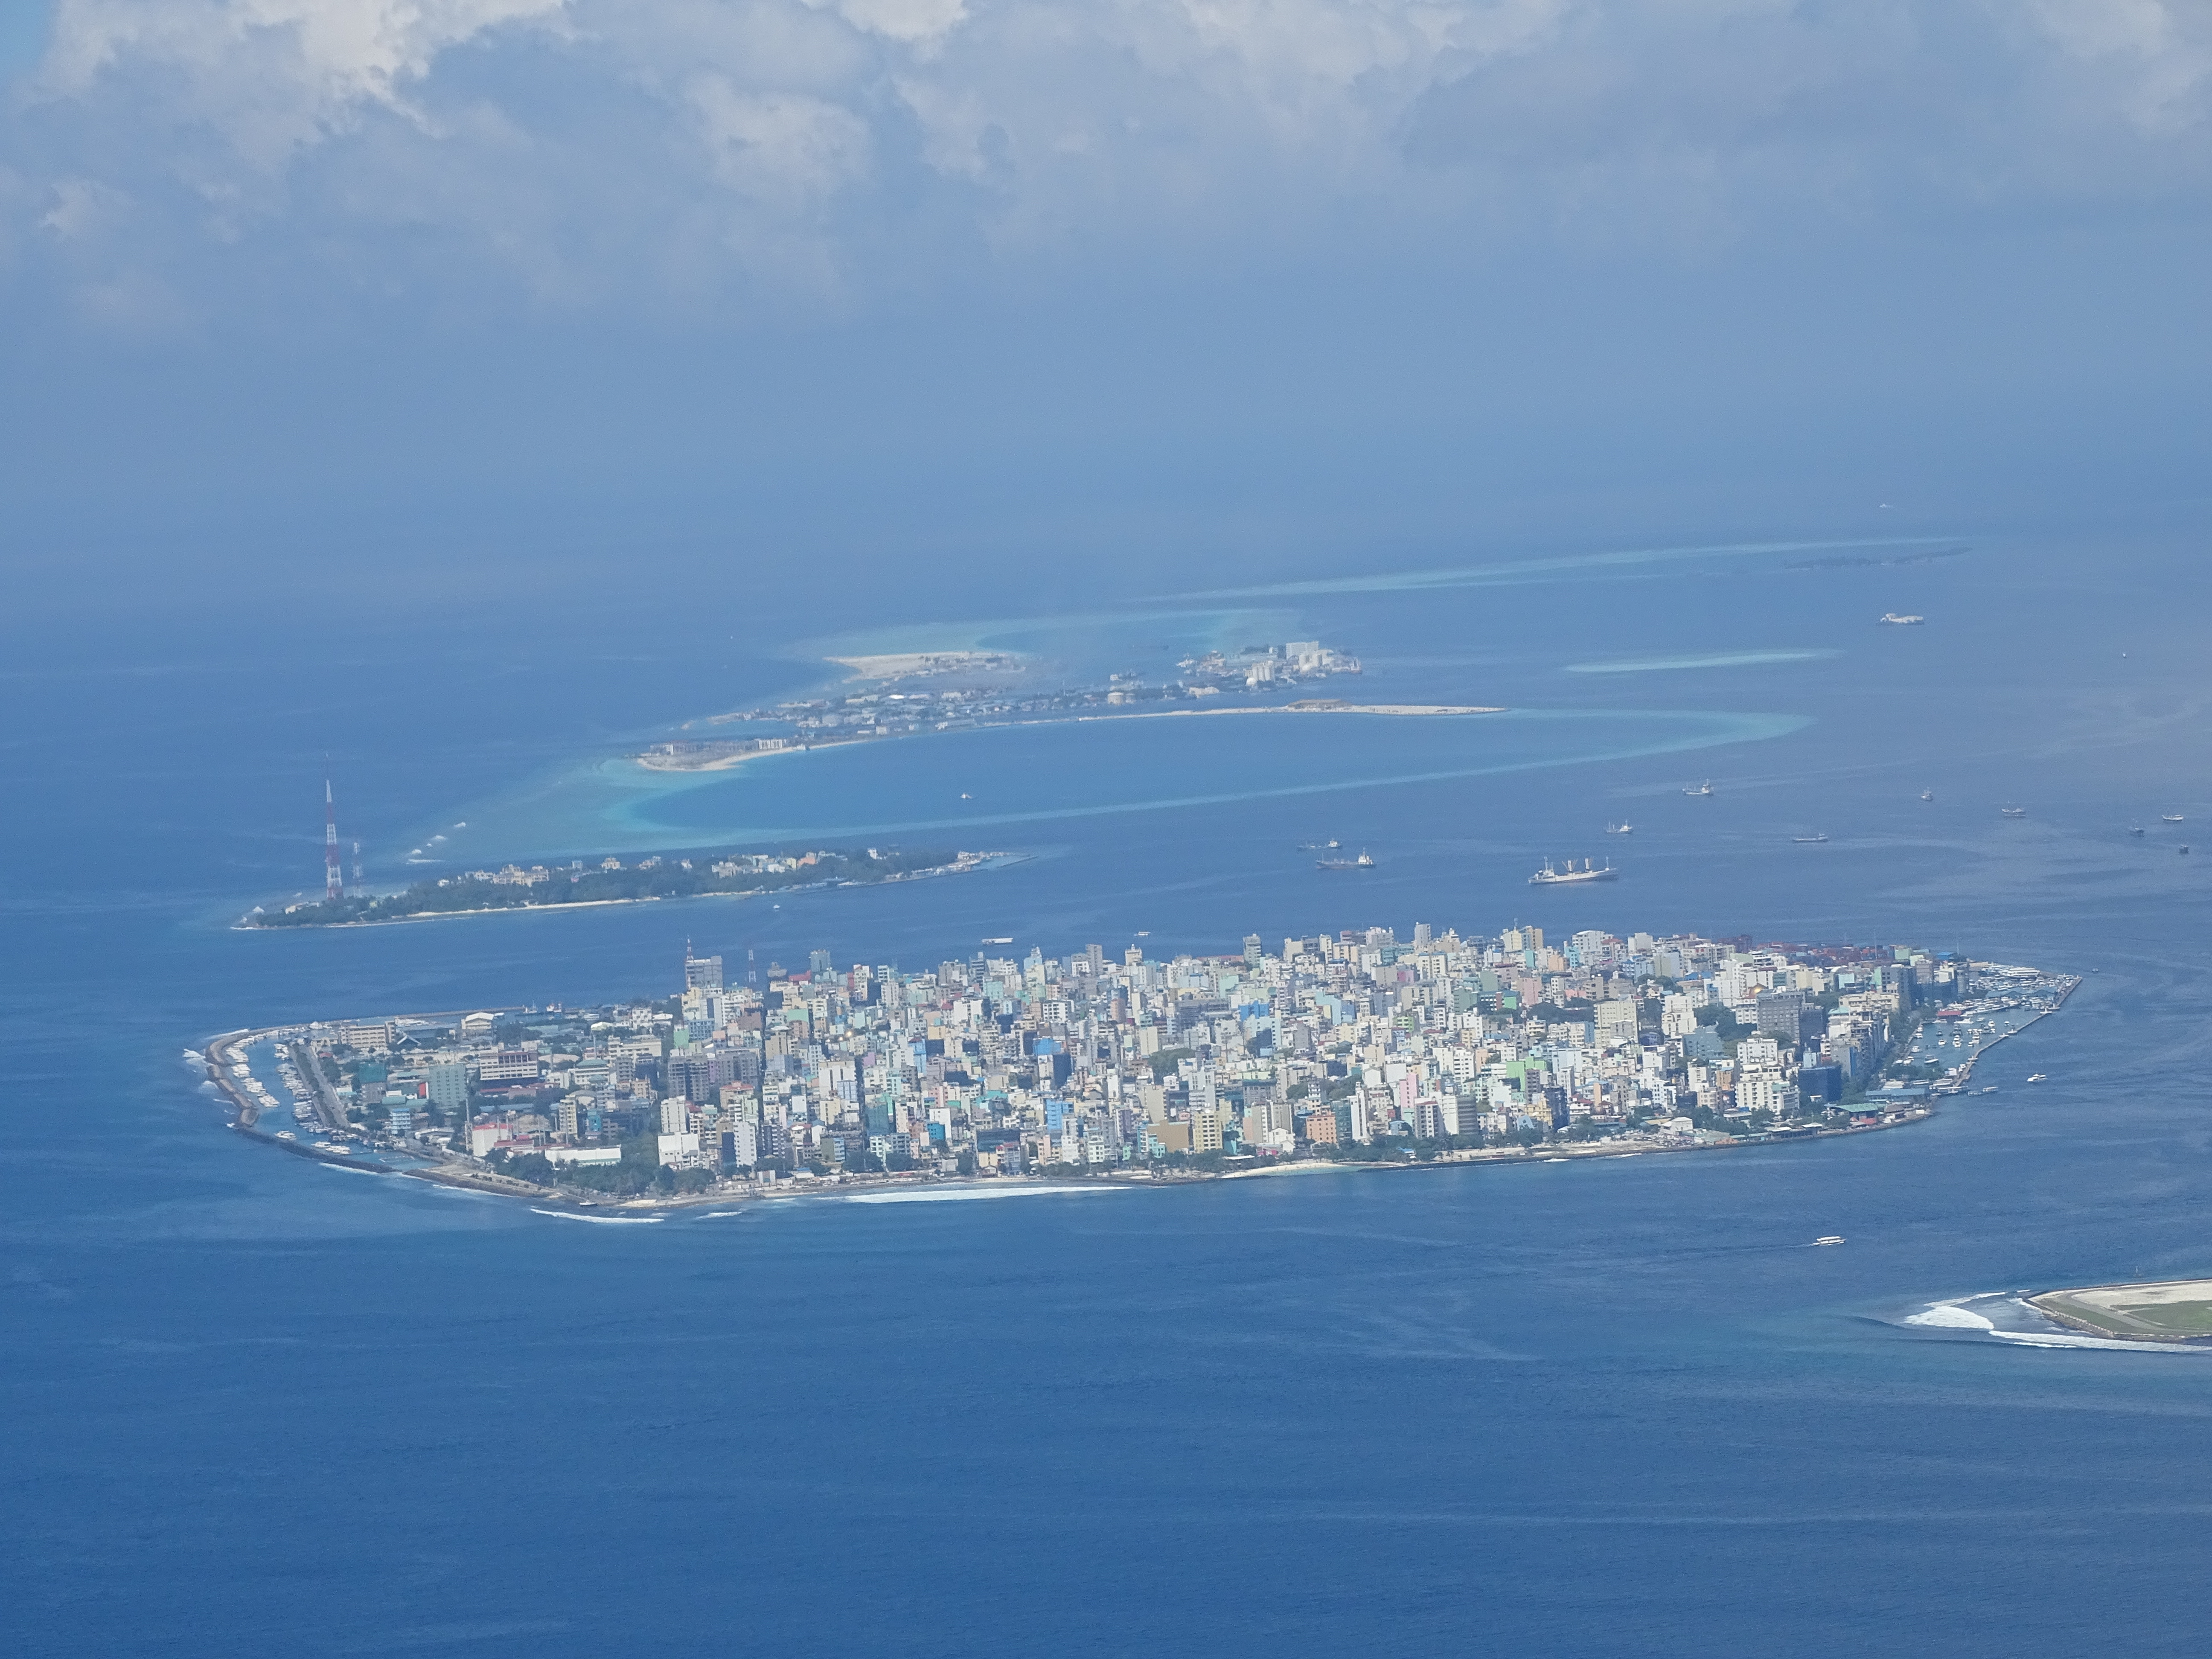 Dating pangalan ng maldives